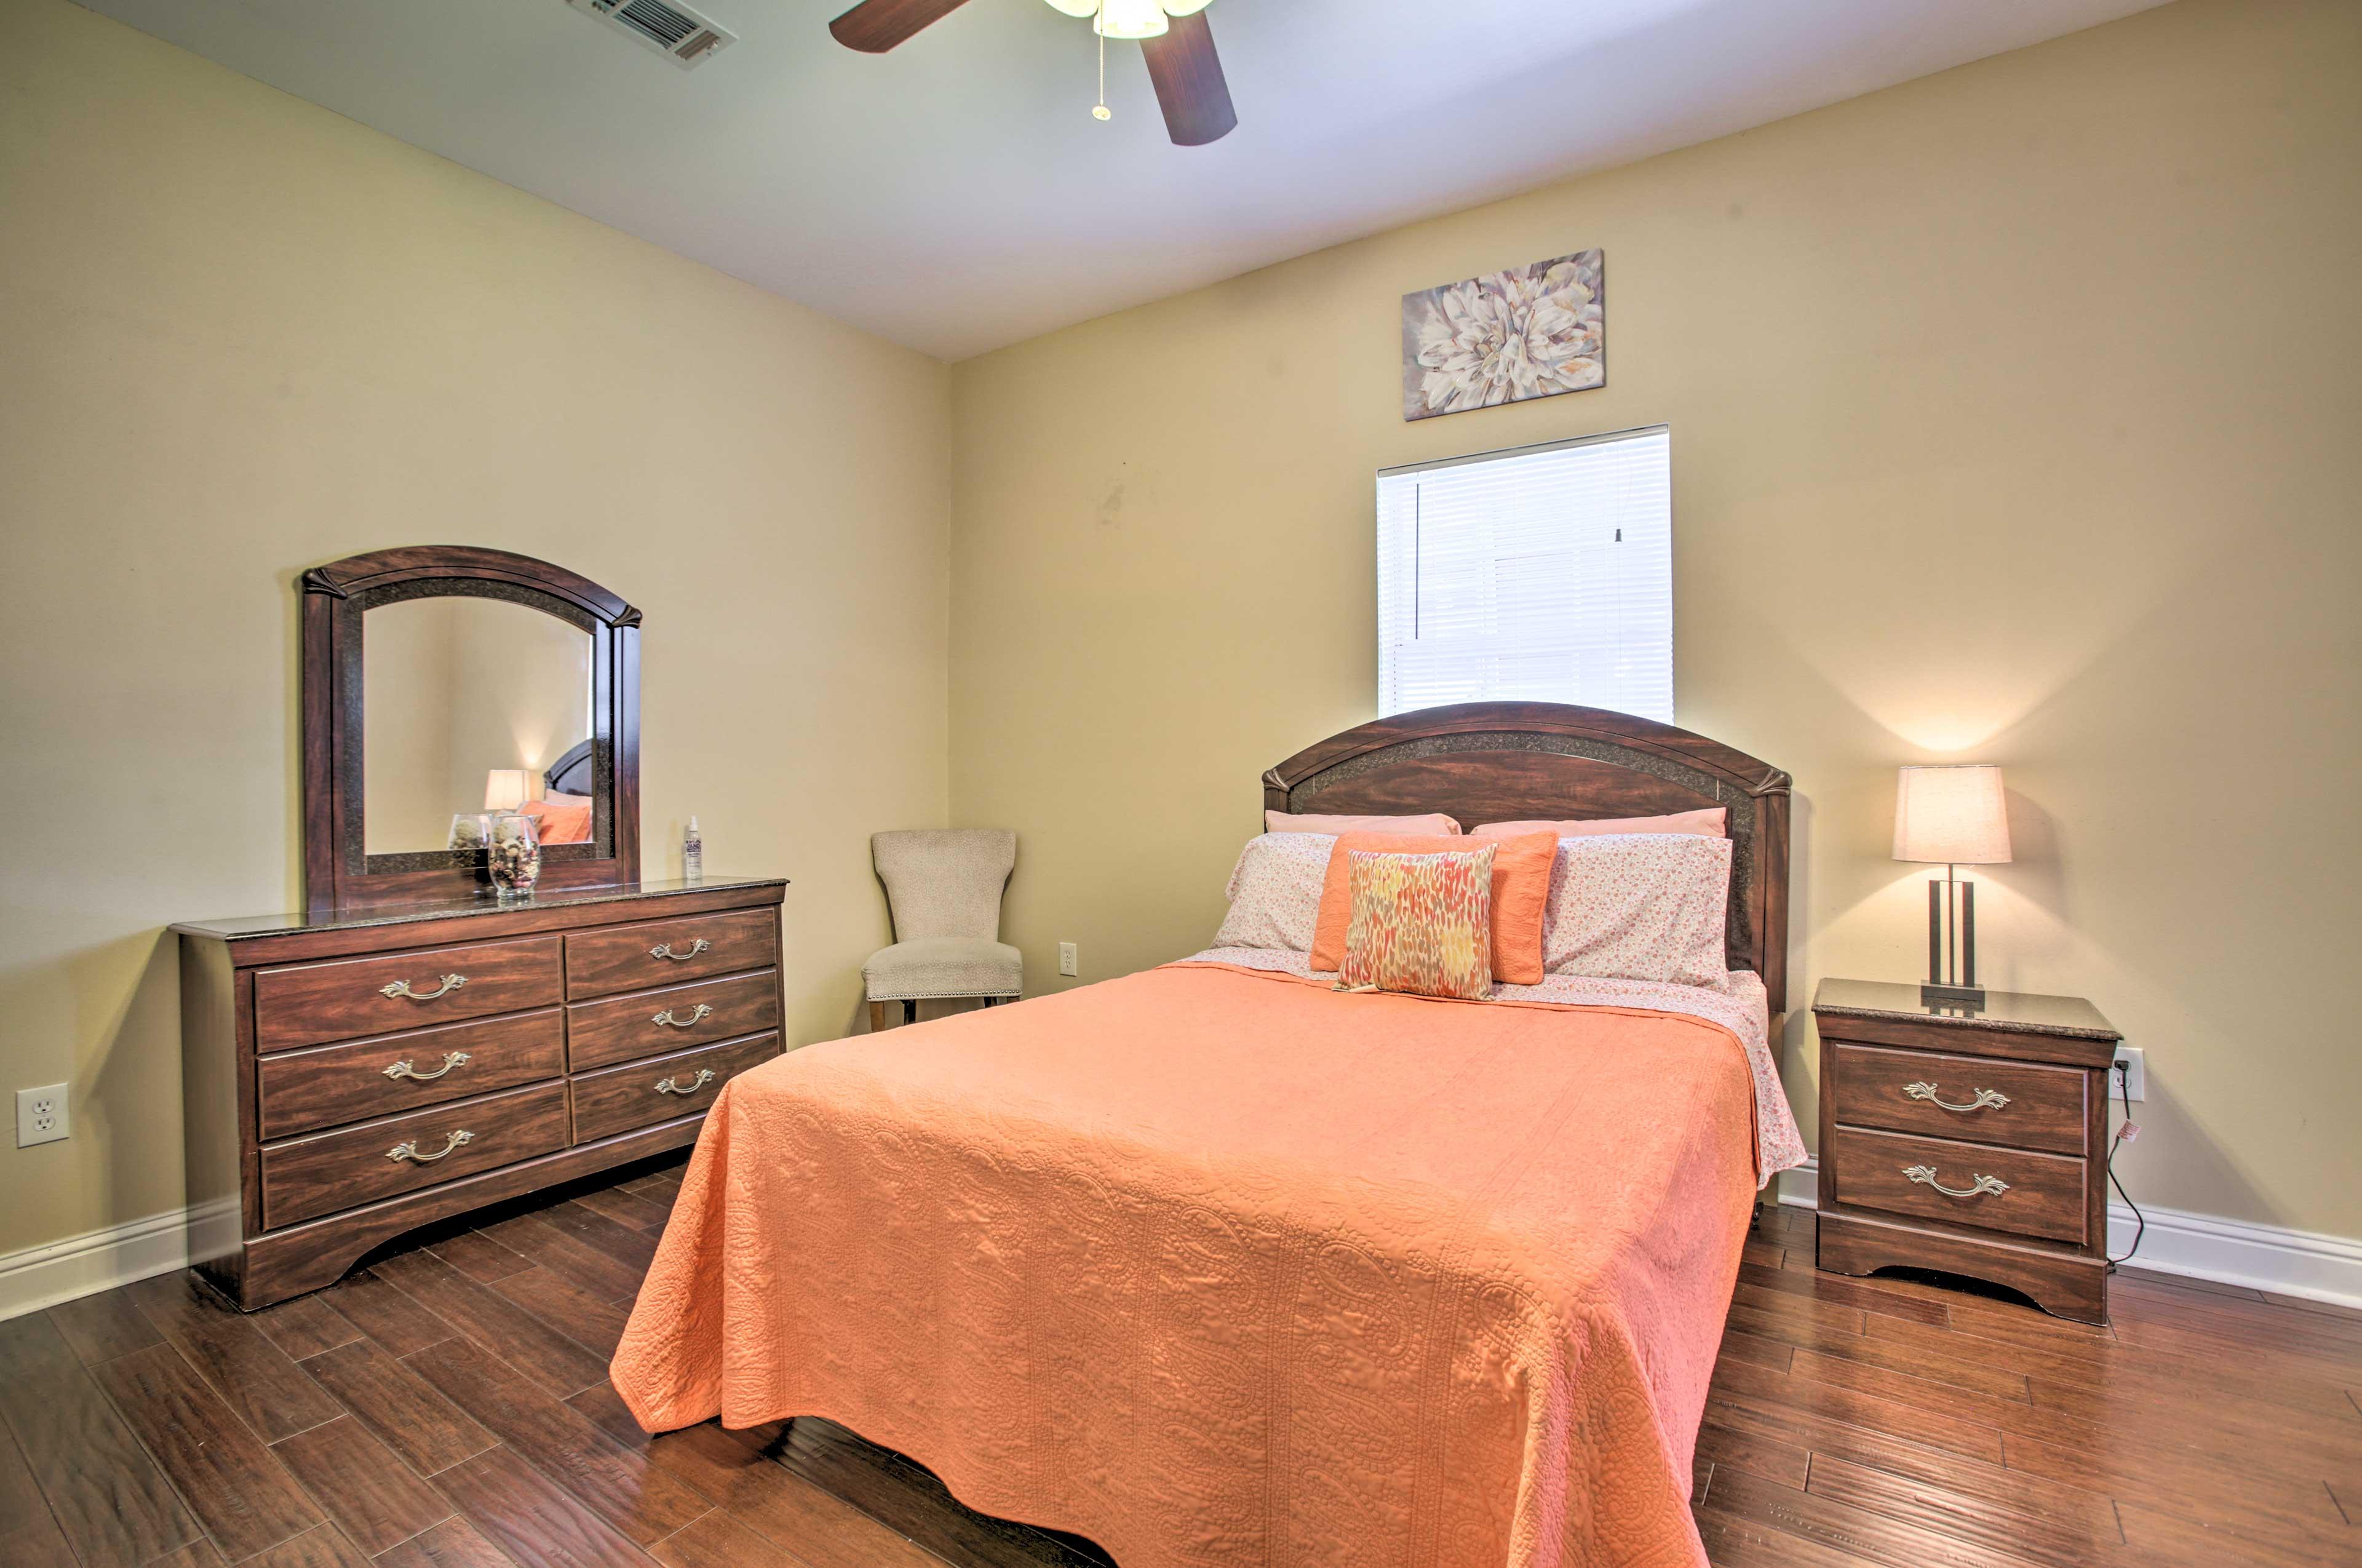 Bedroom 2 | Queen Bed | En-Suite Bathroom